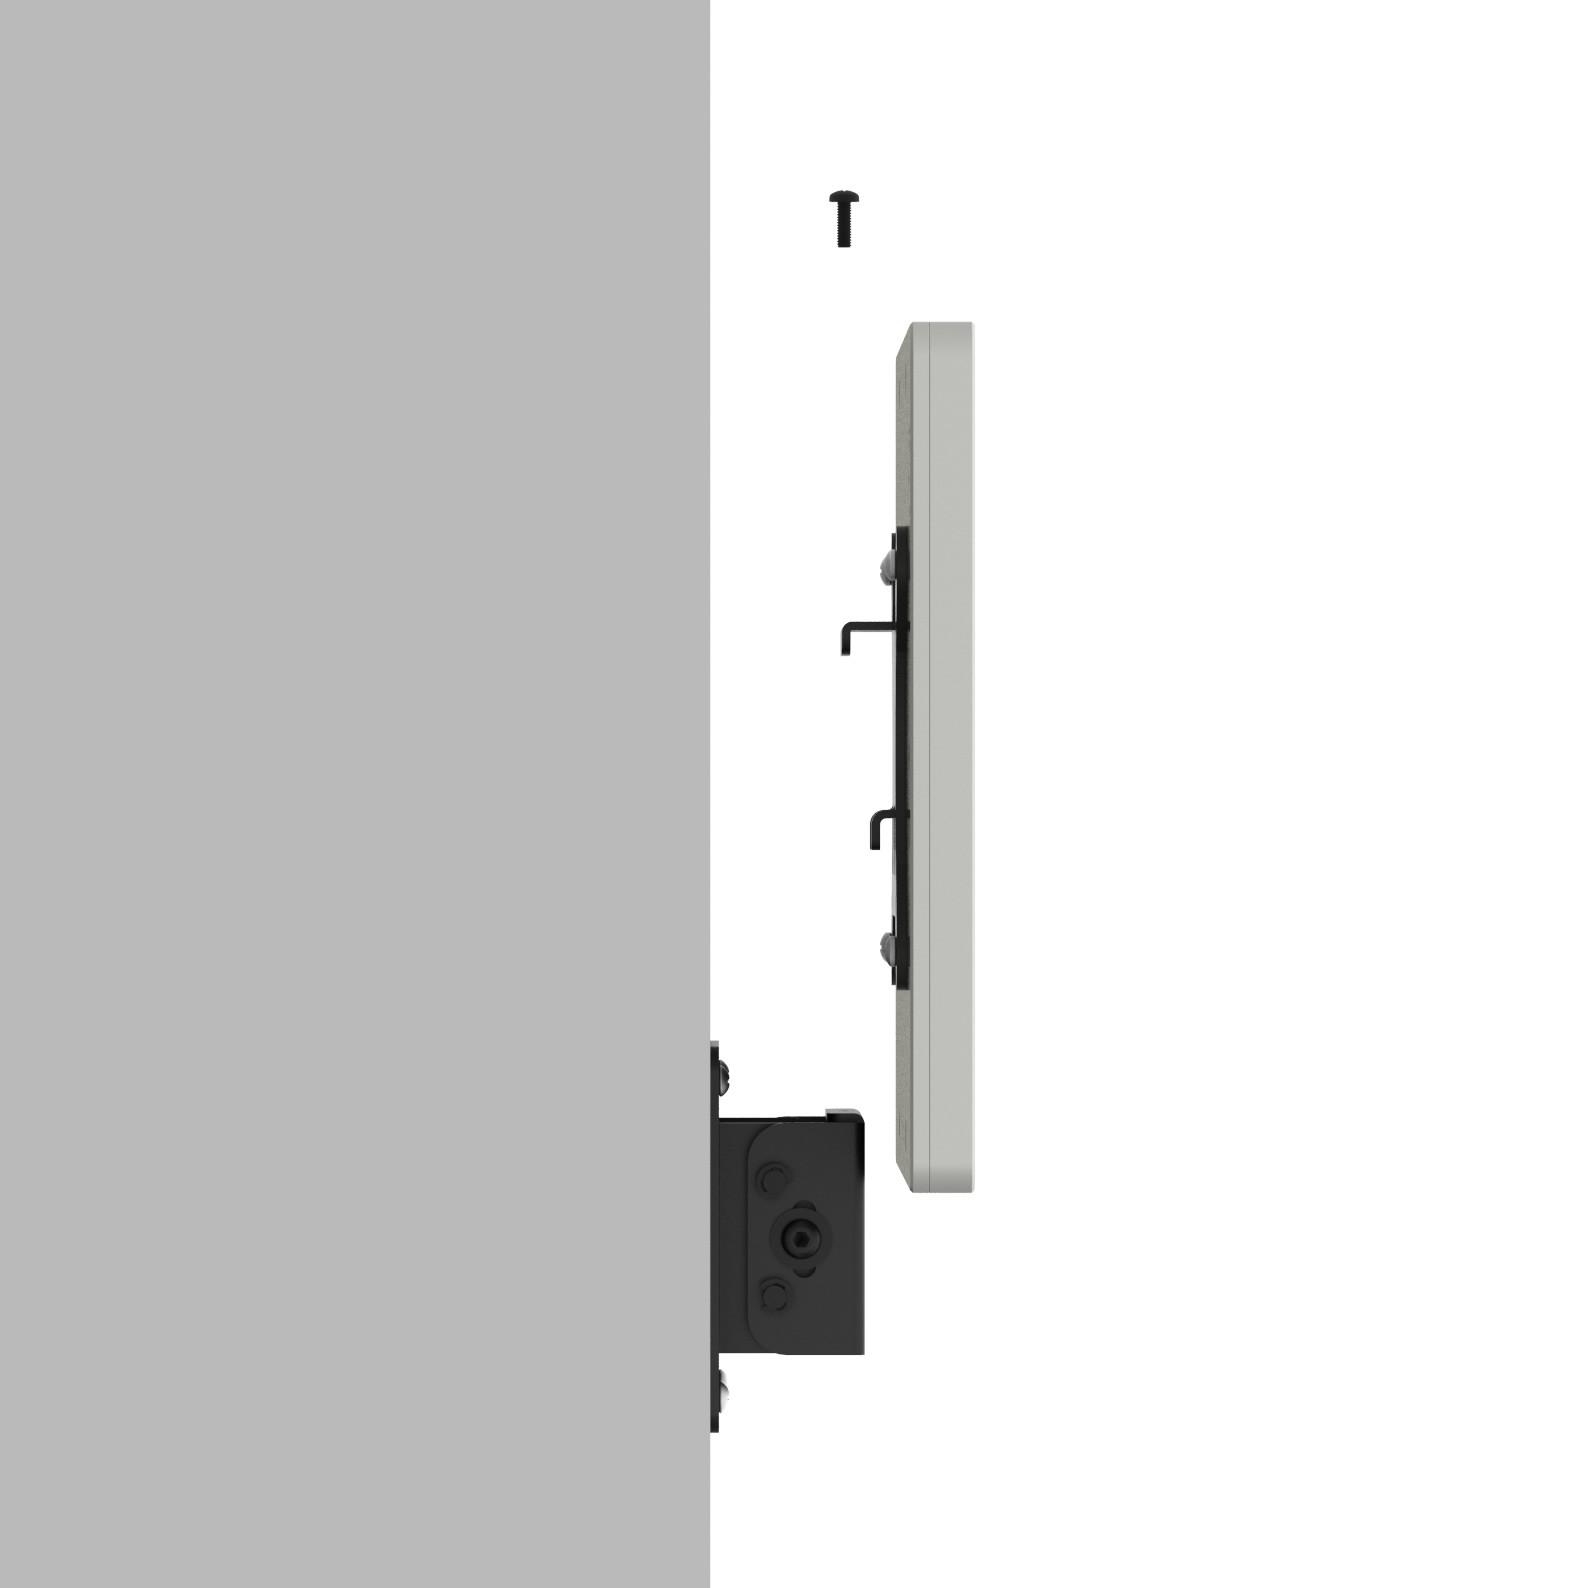 Tilting Wall Ipad 9 7 Quot 5th 6th Gen Pro 9 7 Quot Air 1